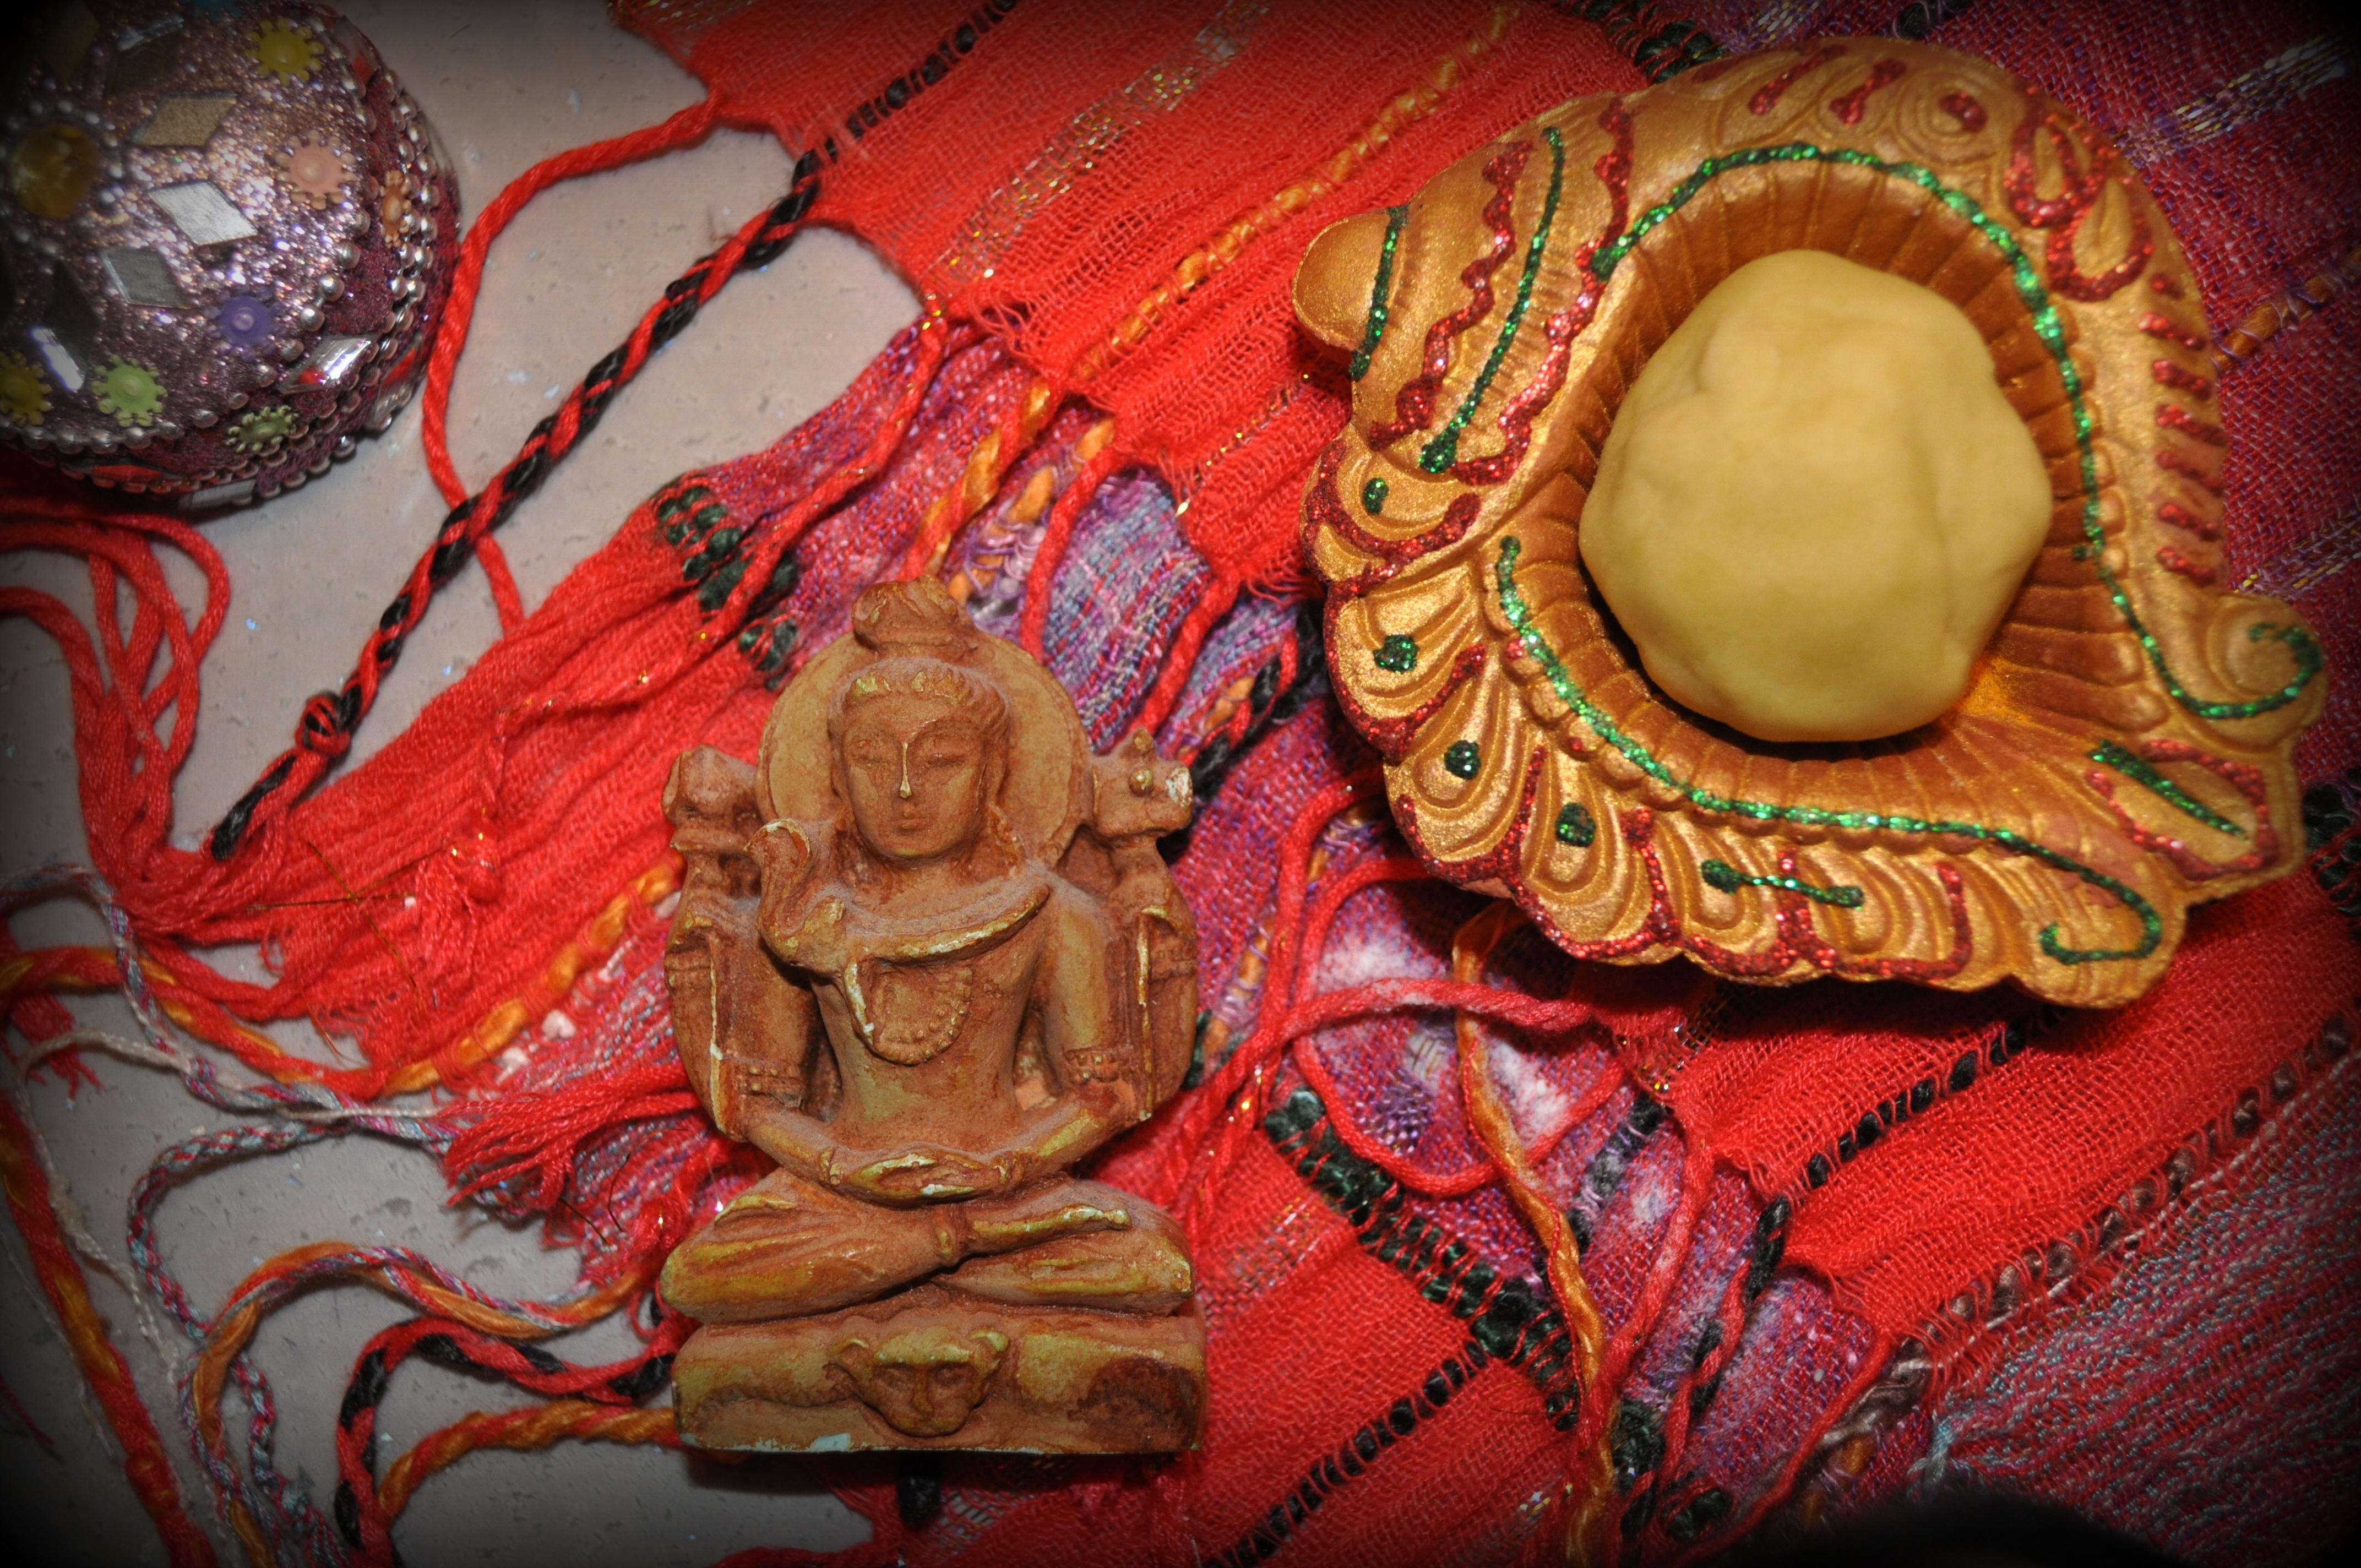 Indyjski peeling dla noworodka, naturalne kosmetyki, przepisy, szampon, mydło, jak kobiety z różnych stron świata dbają o urodę (Fot. Marta El Marakchi © All rights reserved)